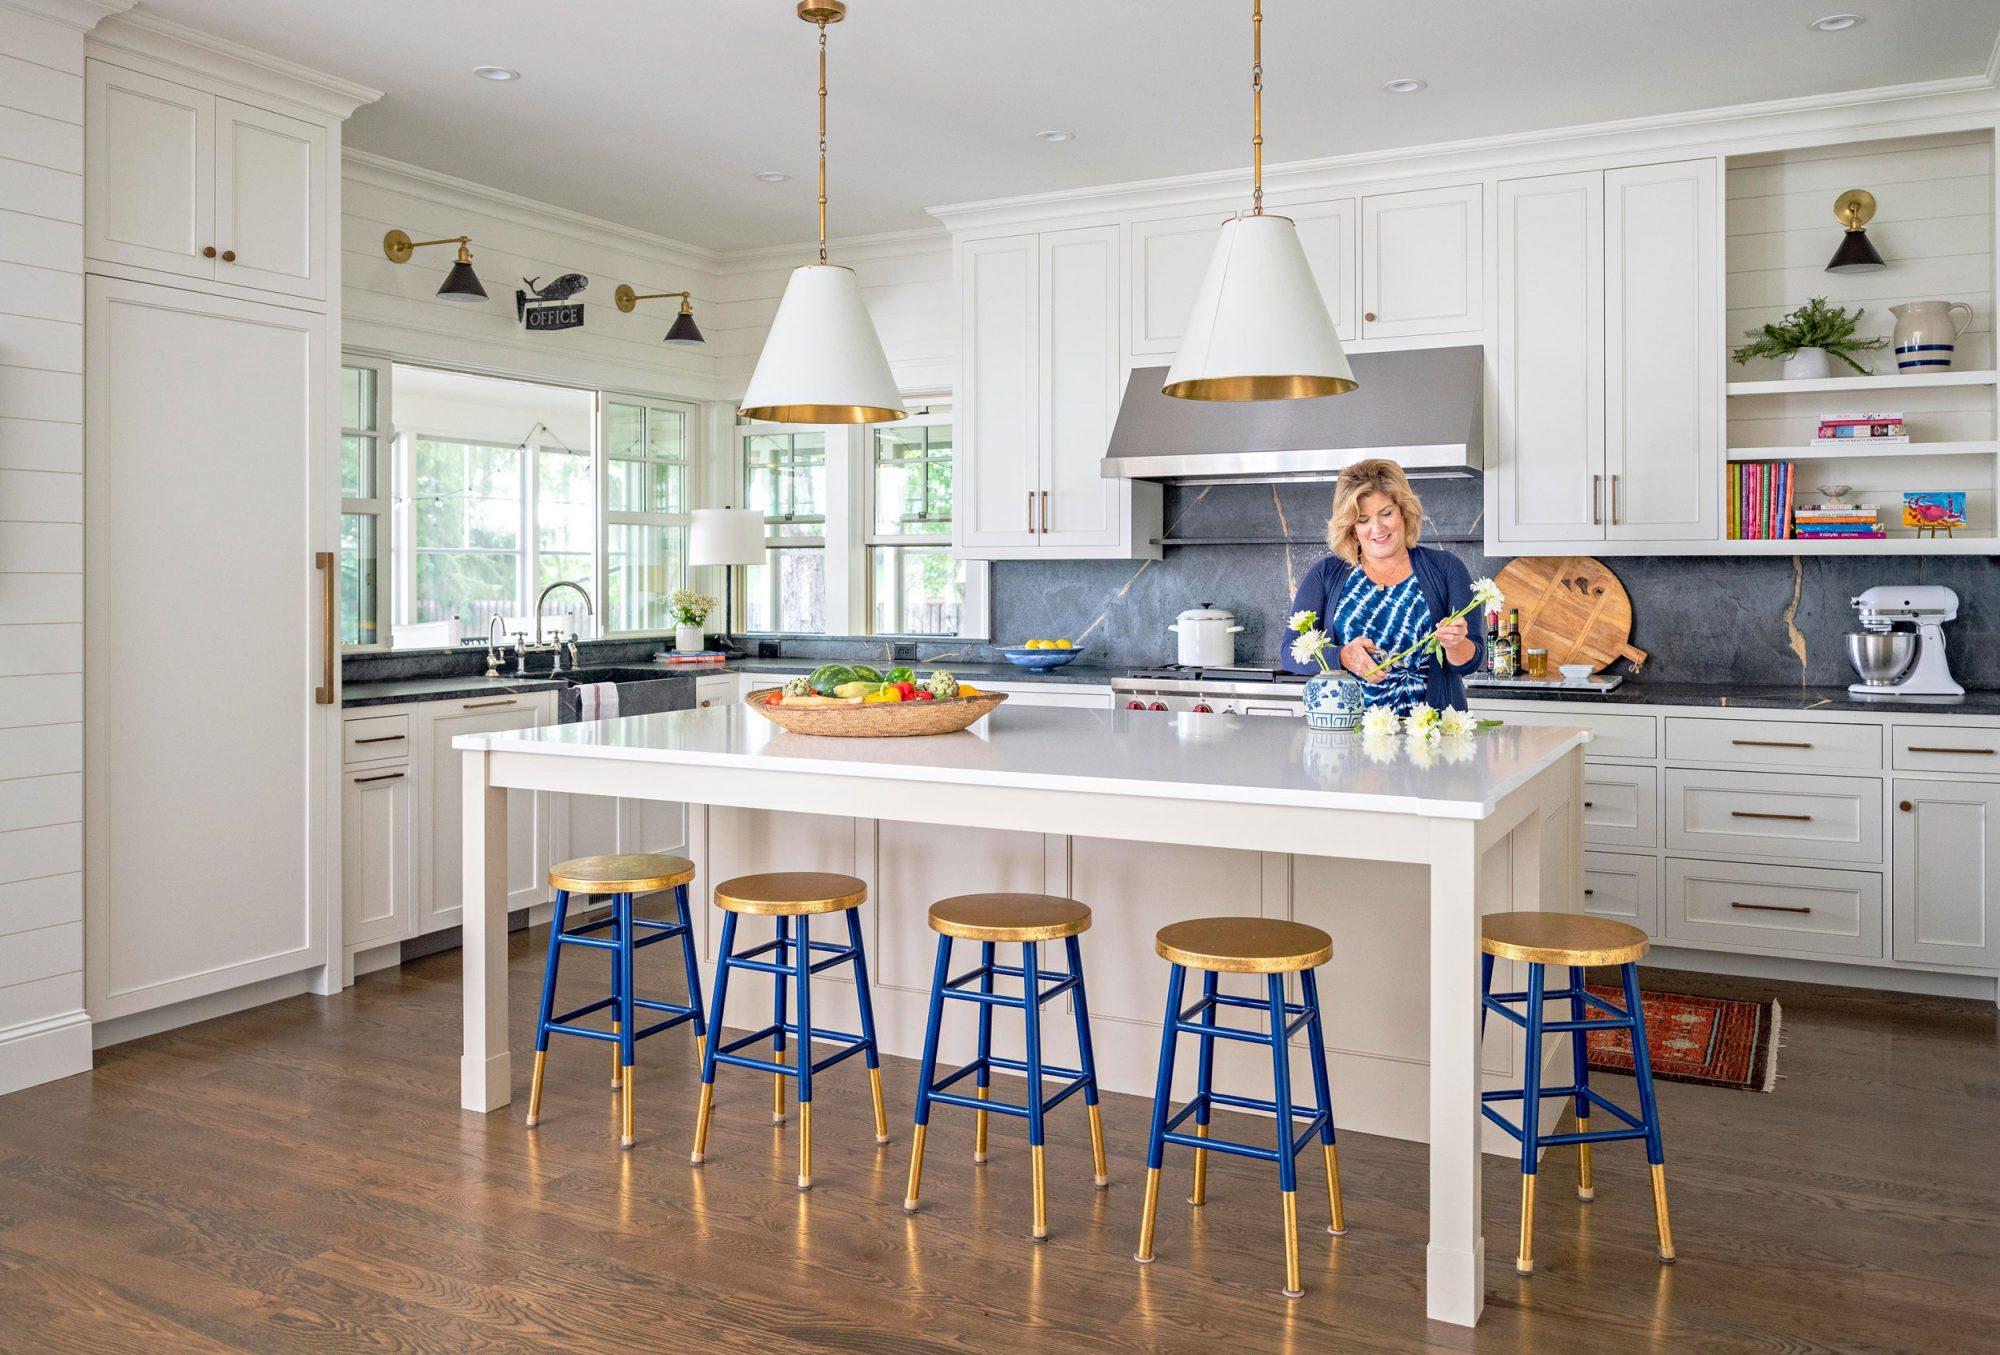 Bassett lake home kitchen